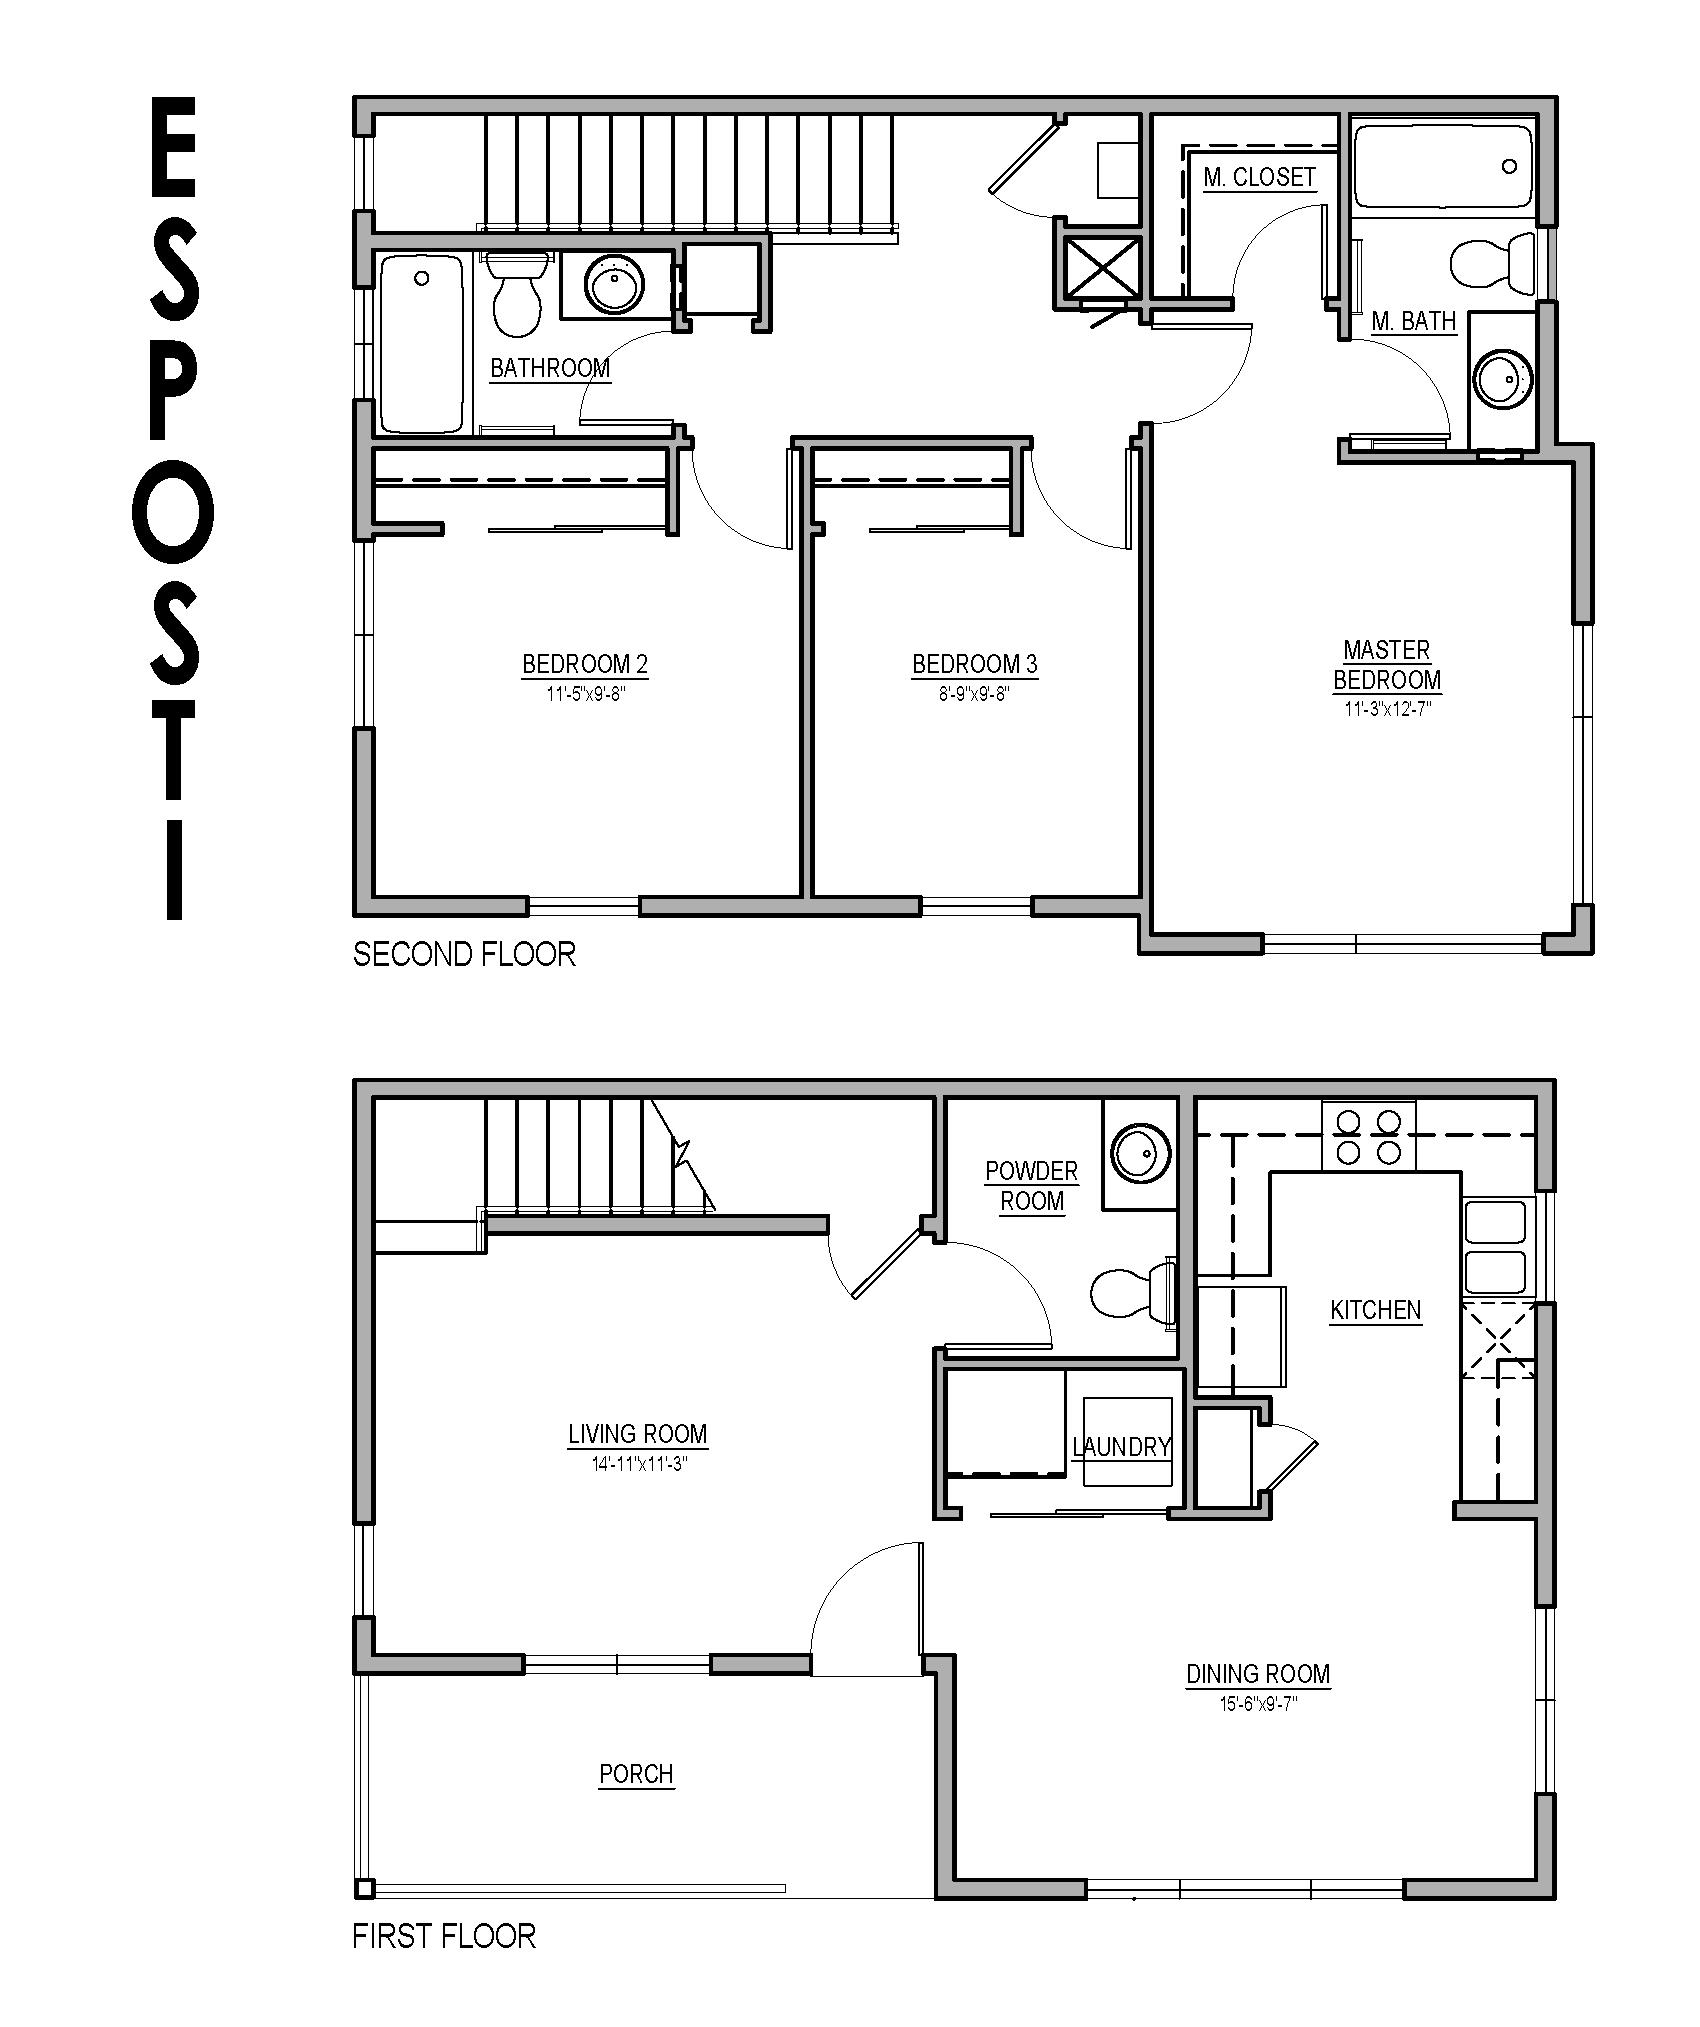 3 bedroom townhouse floor plan